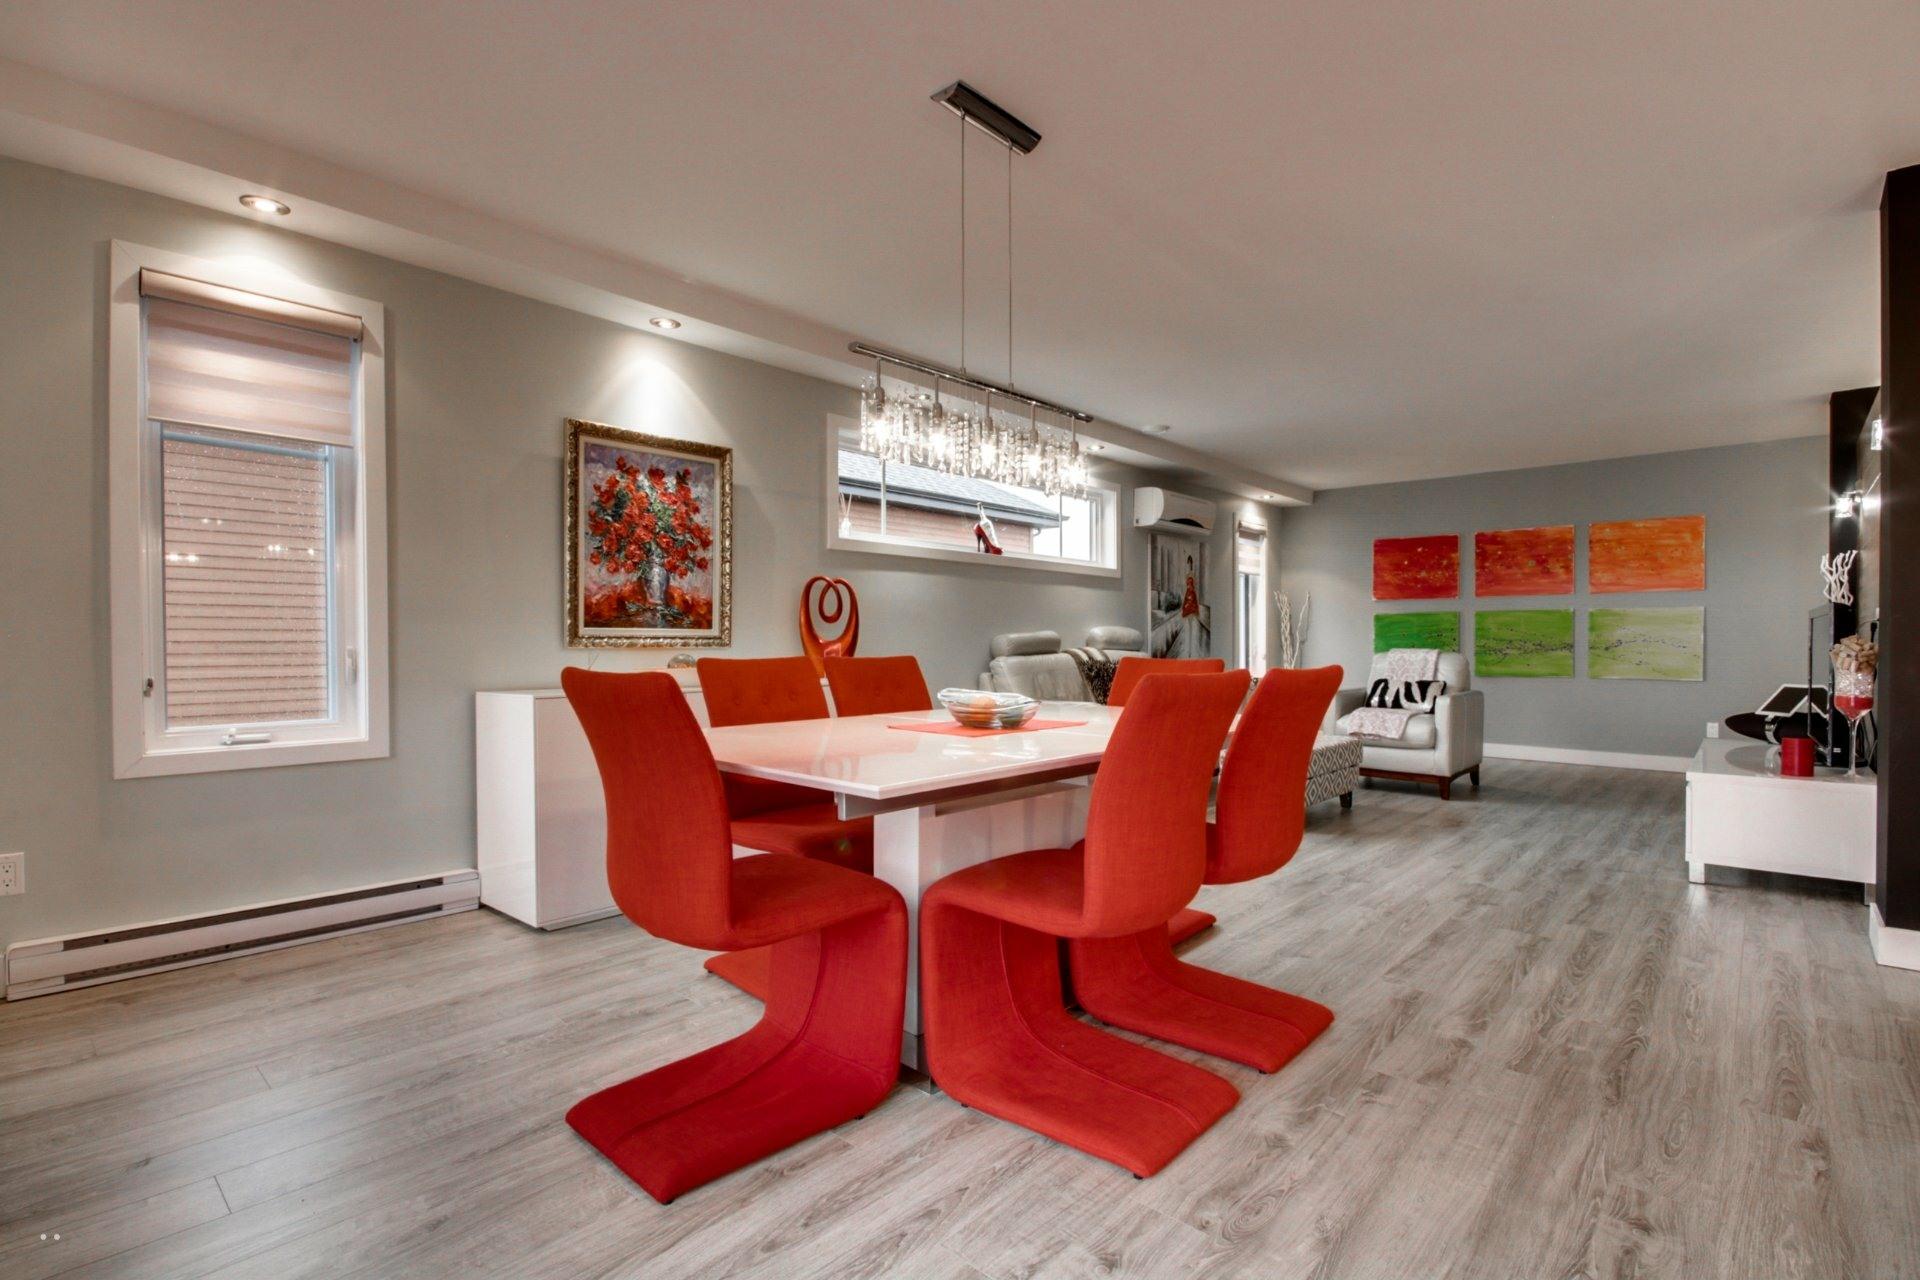 image 22 - Appartement À vendre Trois-Rivières - 7 pièces